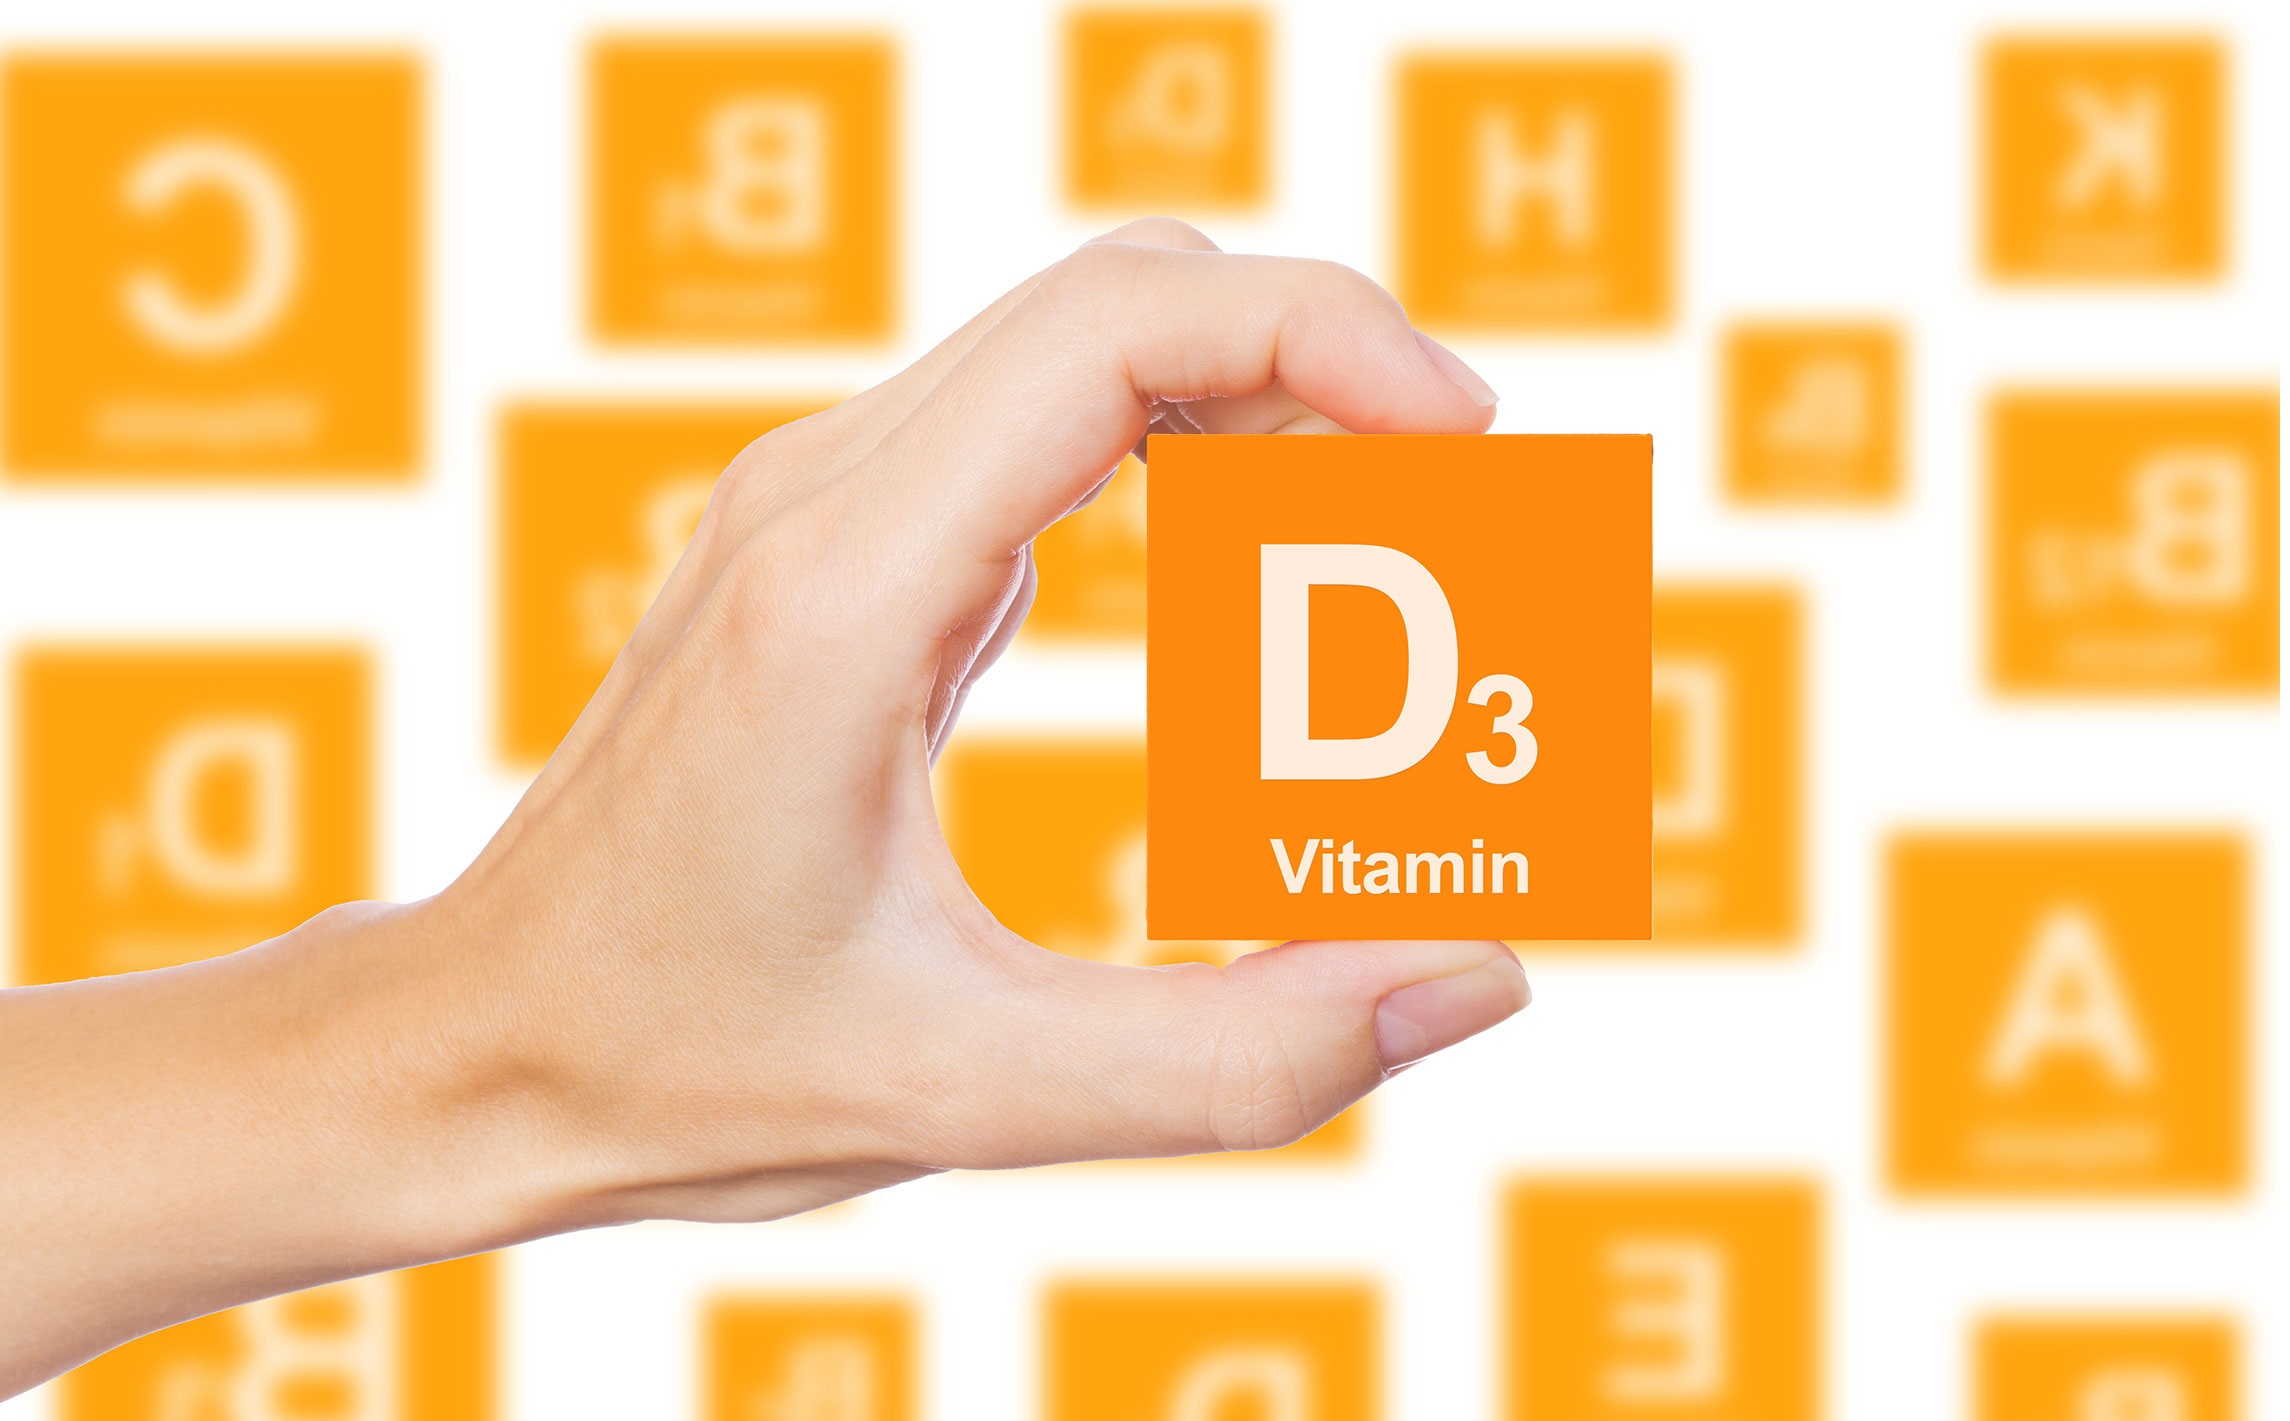 کمبود ویتامین D ریسک سردرد مزمن را افزایش می دهد